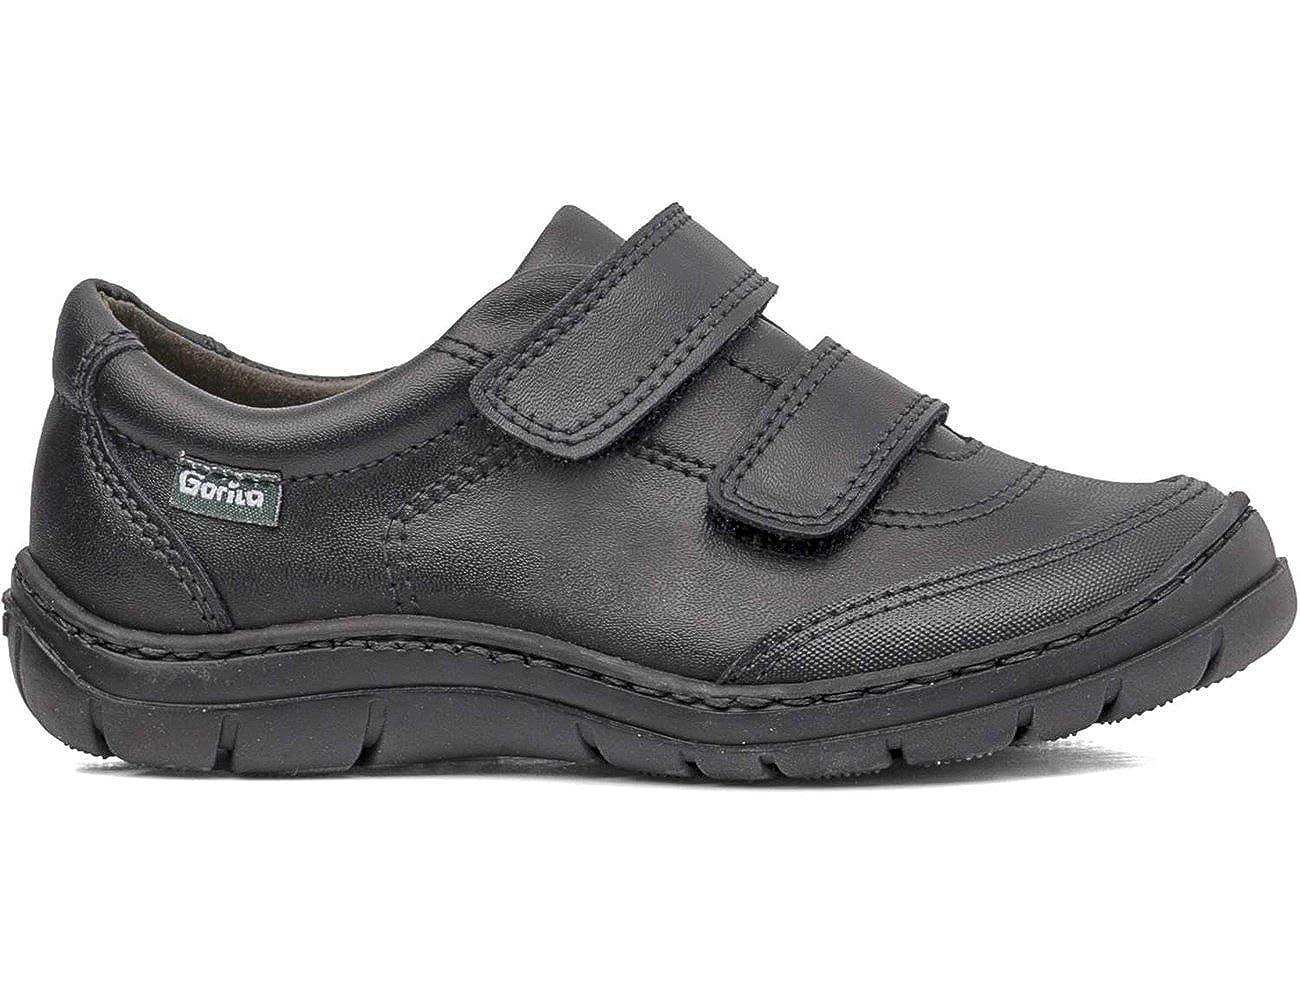 Gorila 31500, Zapatos con Velcro Niños: Amazon.es: Zapatos y complementos